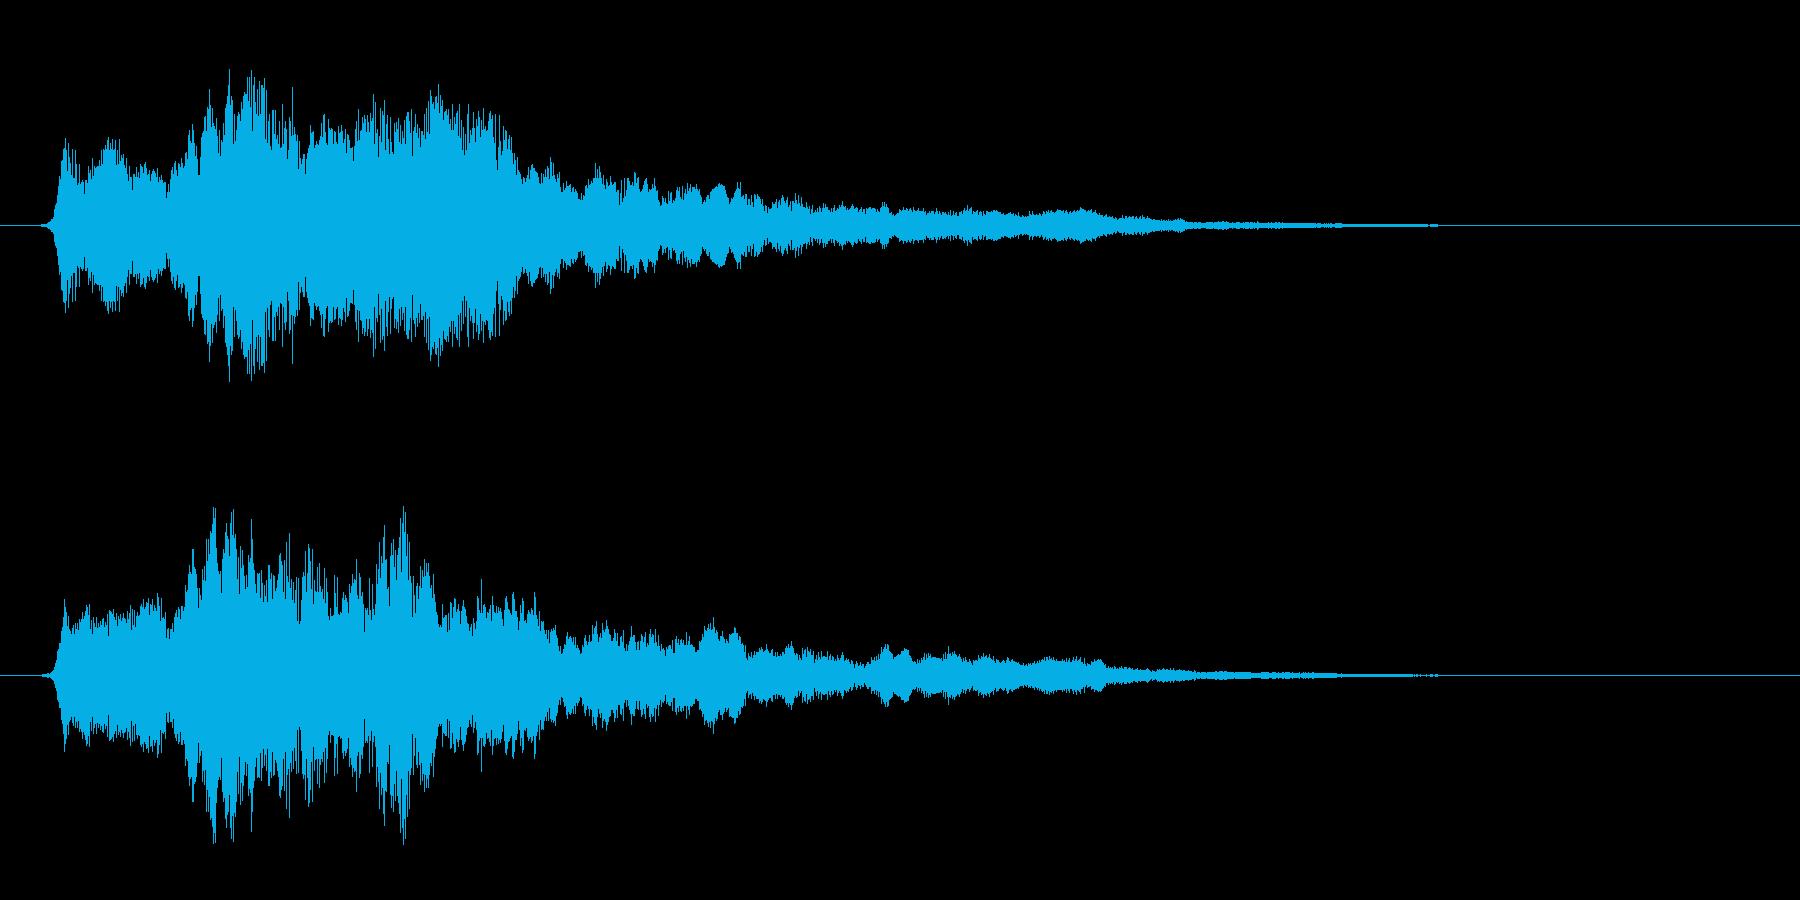 サウンドロゴ ほわーん系 その1の再生済みの波形